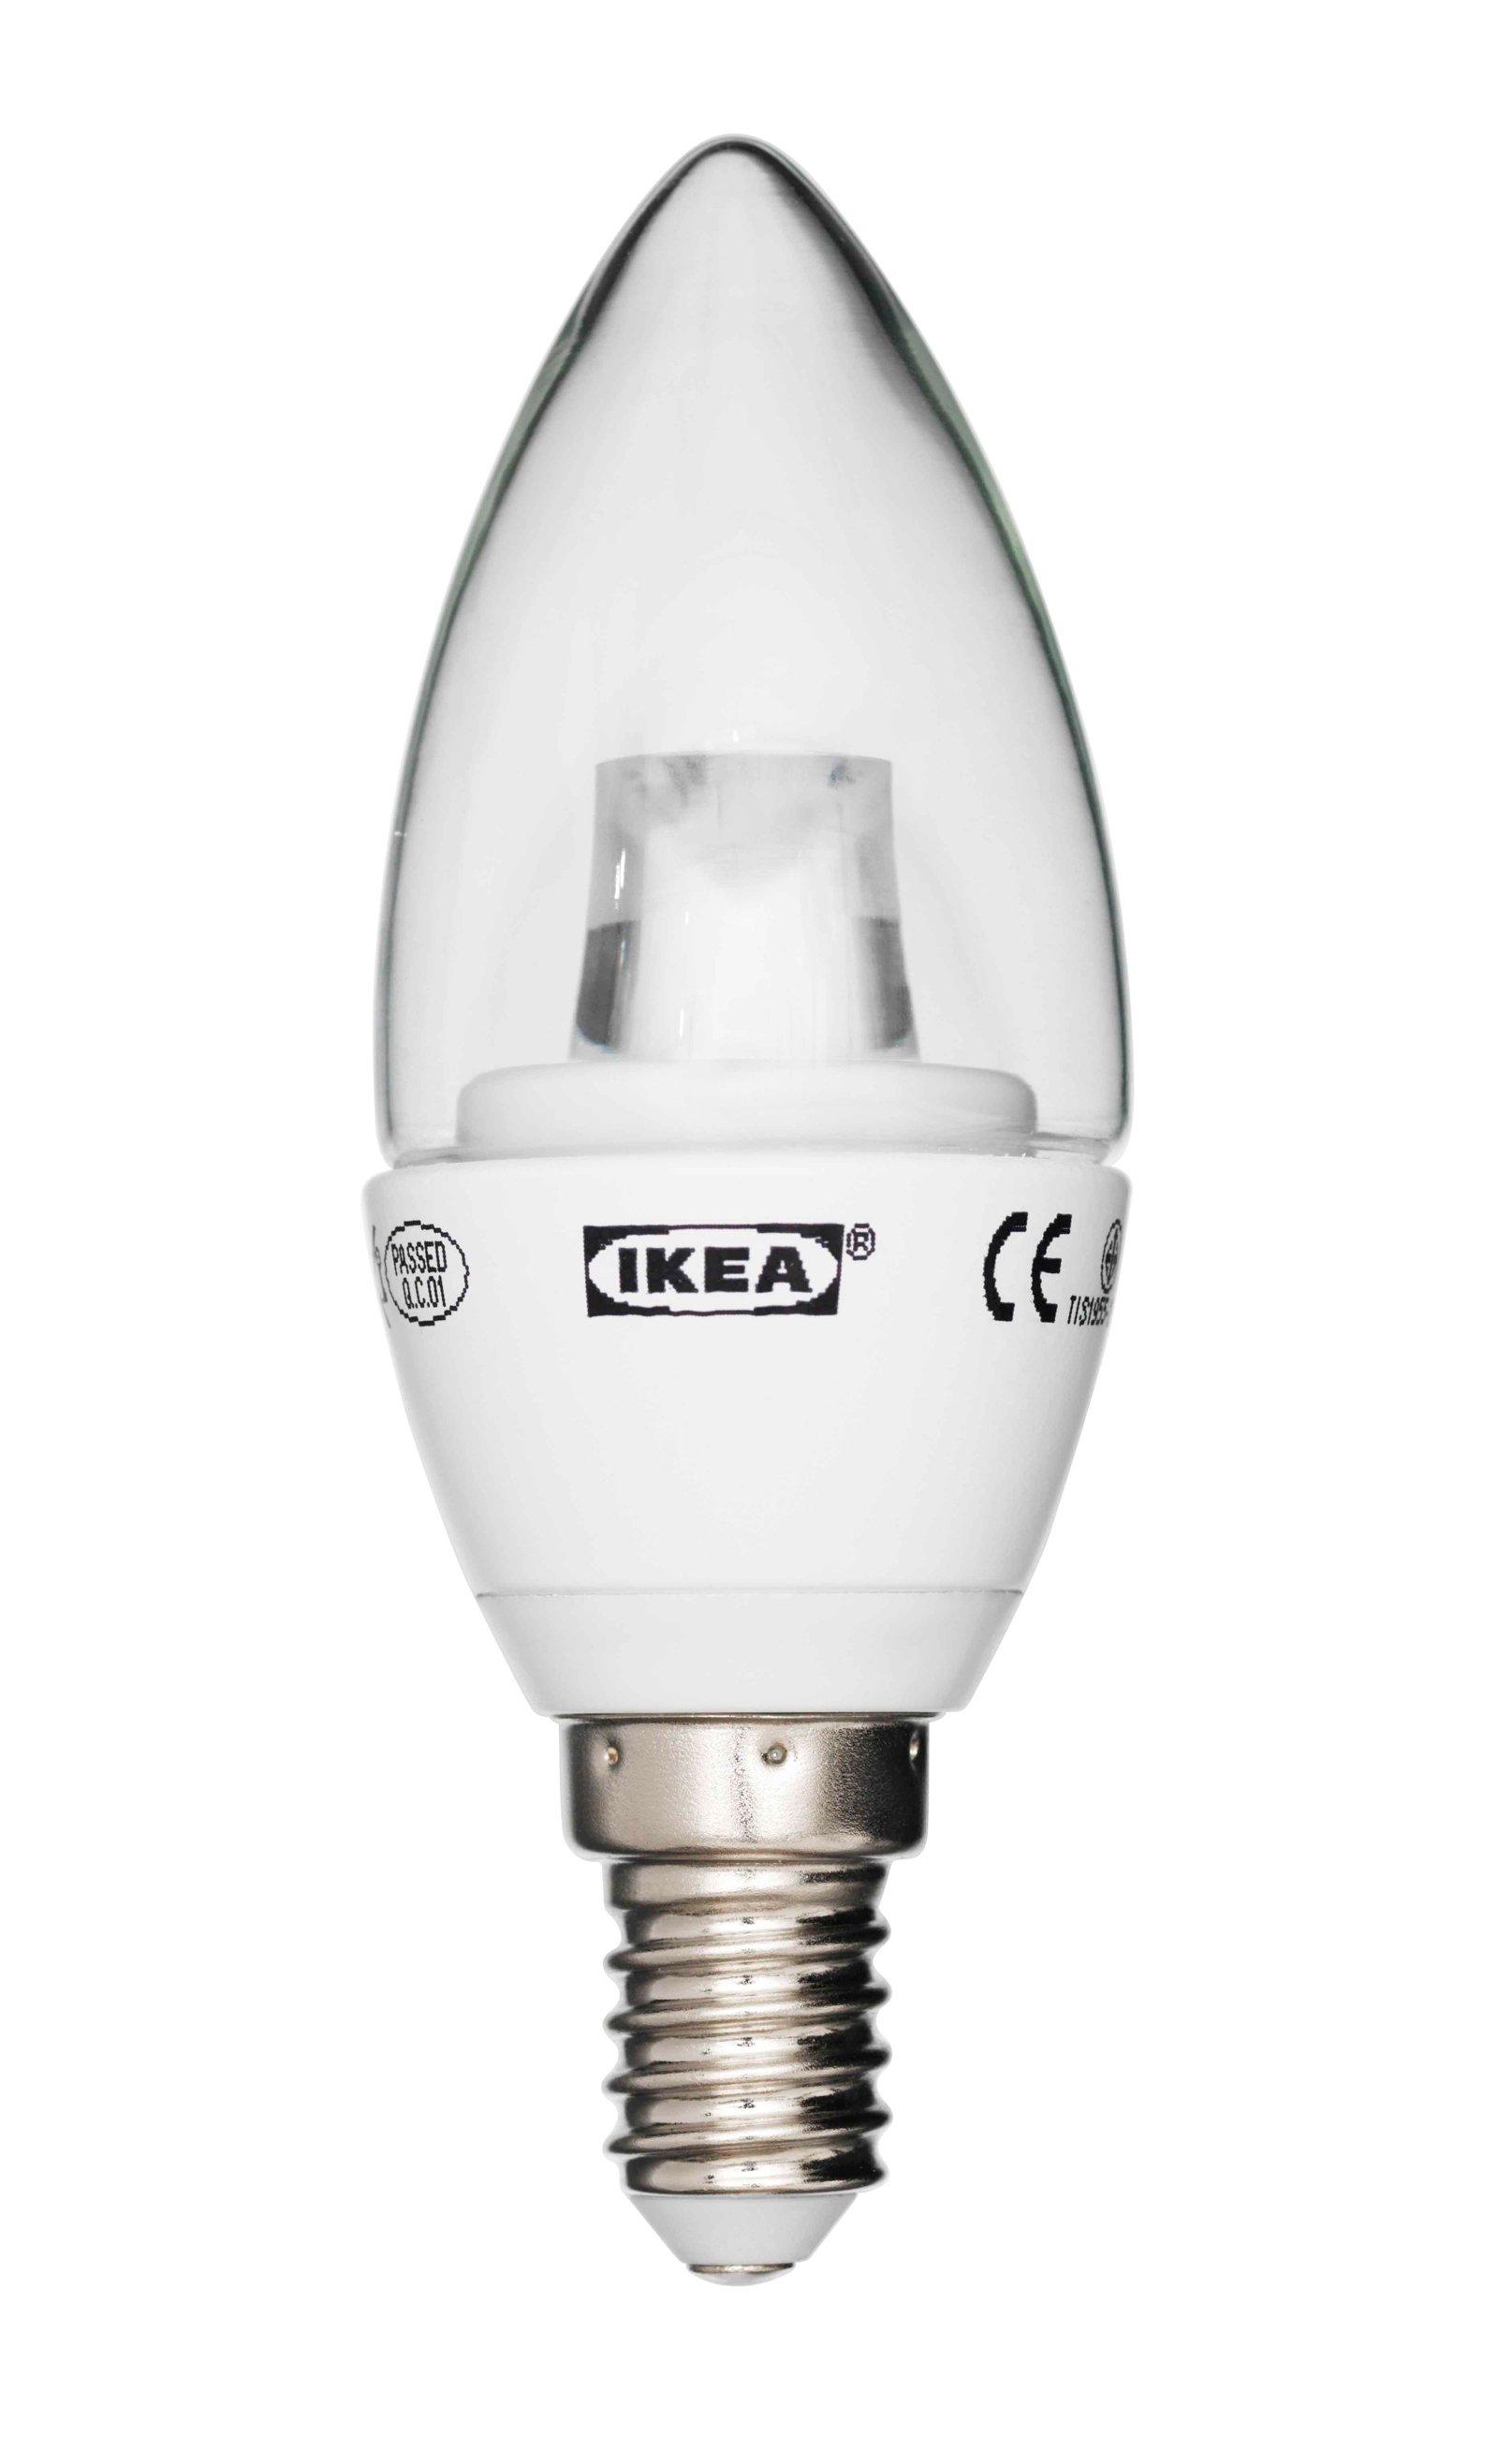 Ikea-LEDARE-LAMPADINA-LED - Cose di Casa